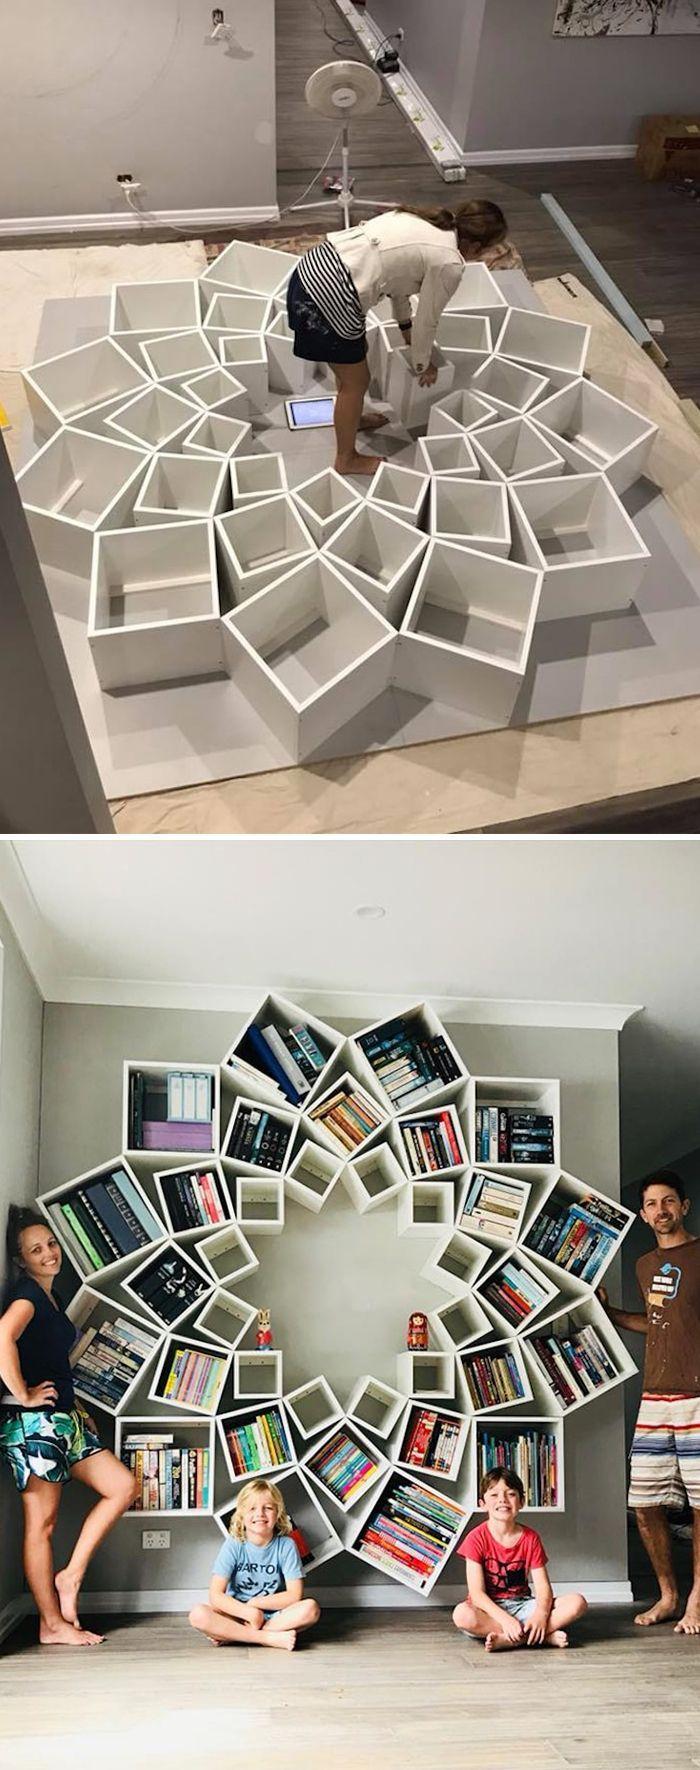 Декор для дома своими руками - книжный шкаф своими руками, организация пространства, интерьер комнаты #декор #интерьер #своимируками